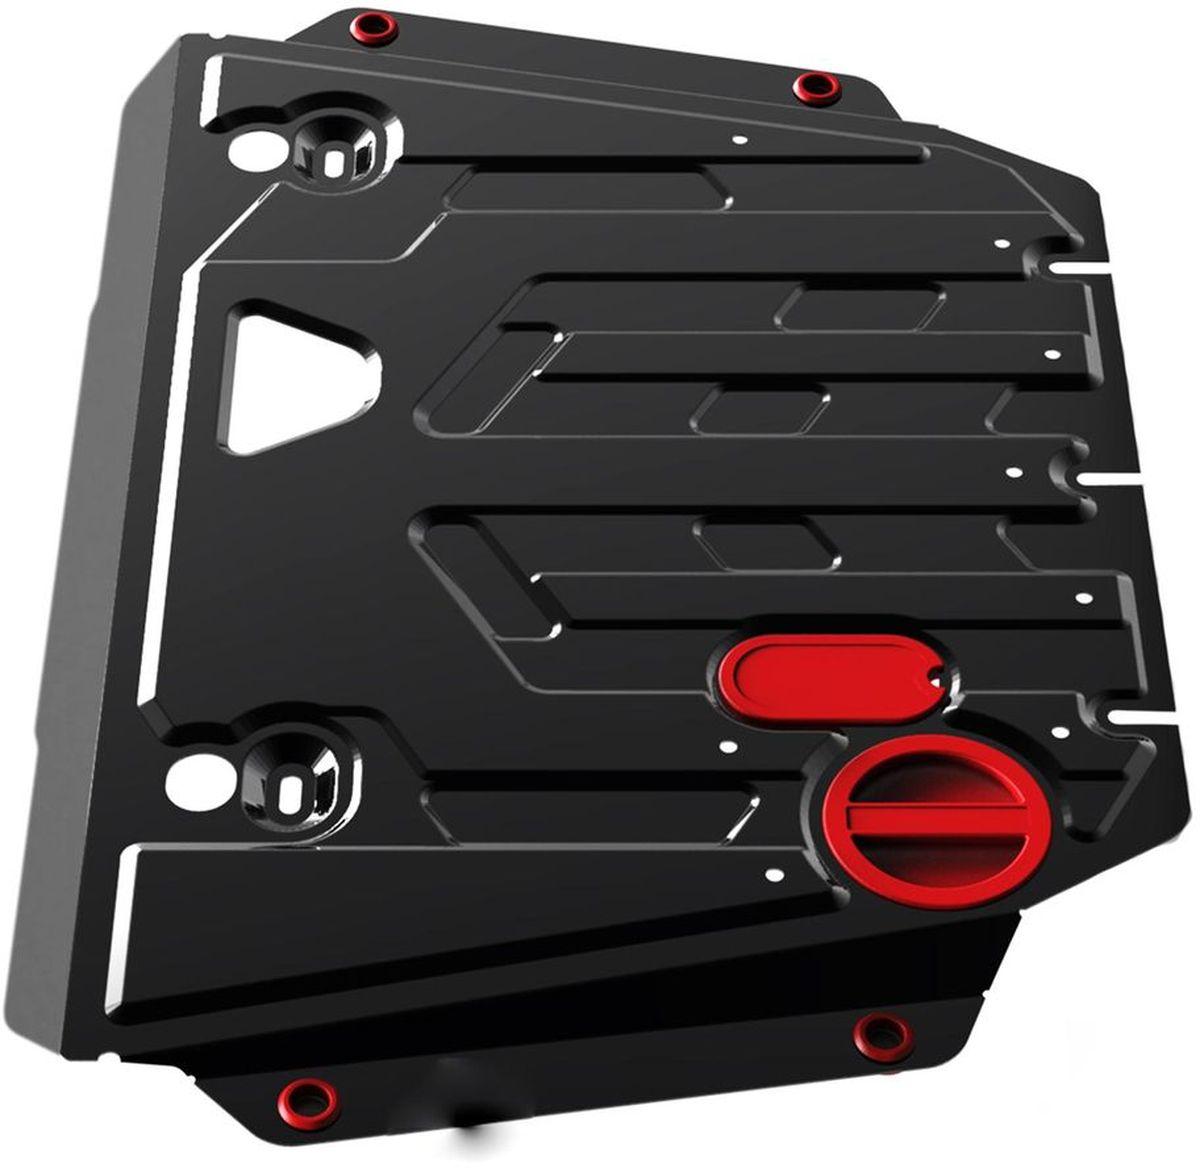 Защита картера и КПП Автоброня Chery M11 2010-, сталь 2 мм111.00908.2Защита картера и КПП Автоброня Chery M11, V - 1,6 2010-, сталь 2 мм, комплект крепежа, 111.00908.2Стальные защиты Автоброня надежно защищают ваш автомобиль от повреждений при наезде на бордюры, выступающие канализационные люки, кромки поврежденного асфальта или при ремонте дорог, не говоря уже о загородных дорогах.- Имеют оптимальное соотношение цена-качество.- Спроектированы с учетом особенностей автомобиля, что делает установку удобной.- Защита устанавливается в штатные места кузова автомобиля.- Является надежной защитой для важных элементов на протяжении долгих лет.- Глубокий штамп дополнительно усиливает конструкцию защиты.- Подштамповка в местах крепления защищает крепеж от срезания.- Технологические отверстия там, где они необходимы для смены масла и слива воды, оборудованные заглушками, закрепленными на защите.Толщина стали 2 мм.В комплекте крепеж и инструкция по установке.Уважаемые клиенты!Обращаем ваше внимание на тот факт, что защита имеет форму, соответствующую модели данного автомобиля. Наличие глубокого штампа и лючков для смены фильтров/масла предусмотрено не на всех защитах. Фото служит для визуального восприятия товара.